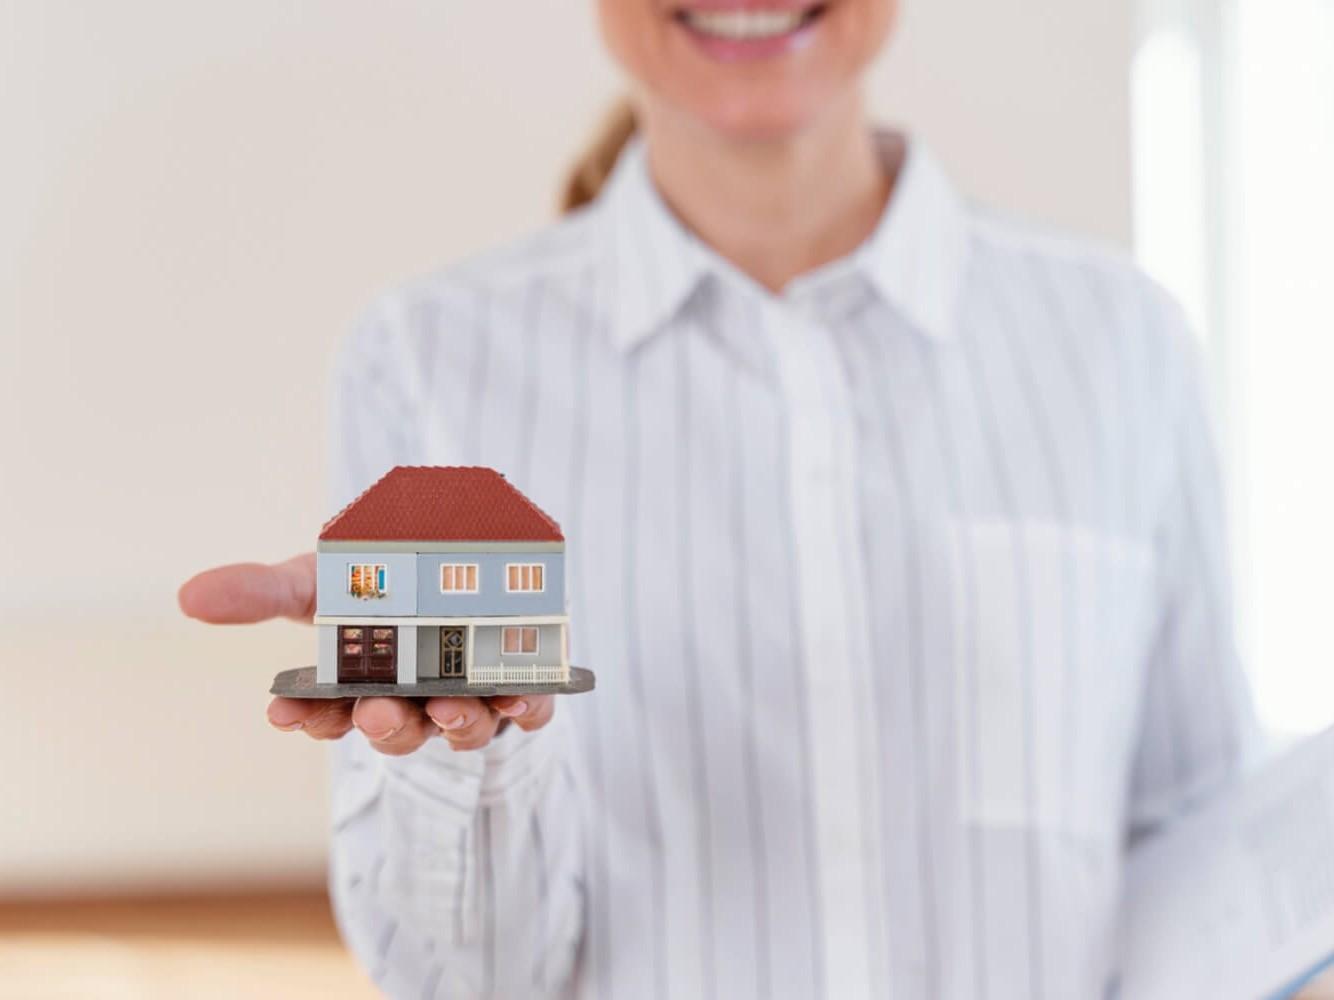 vender casa en exclusiva